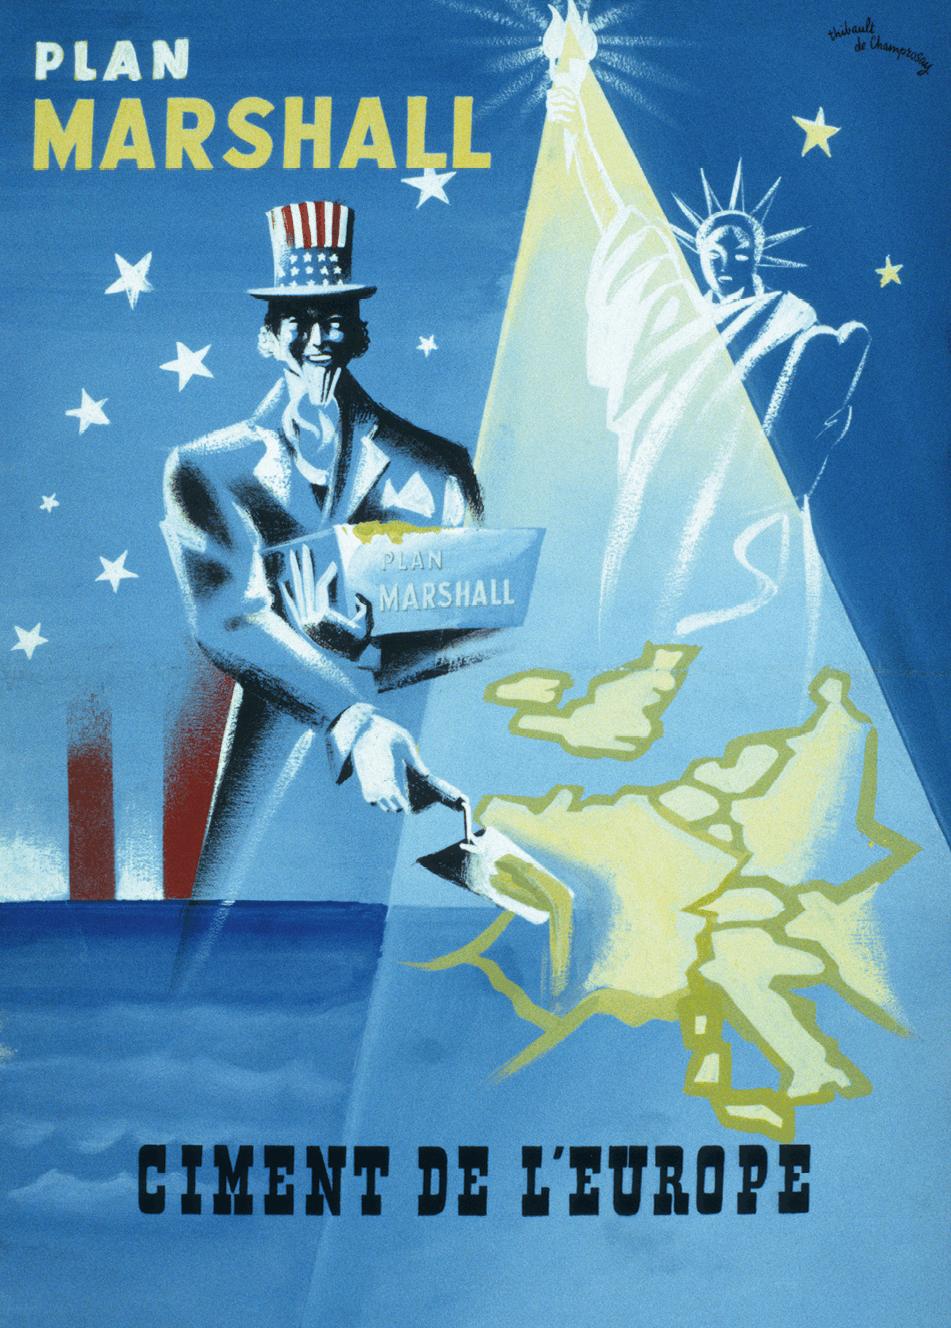 Le plan Marshall, symbole de prospérité et de liberté